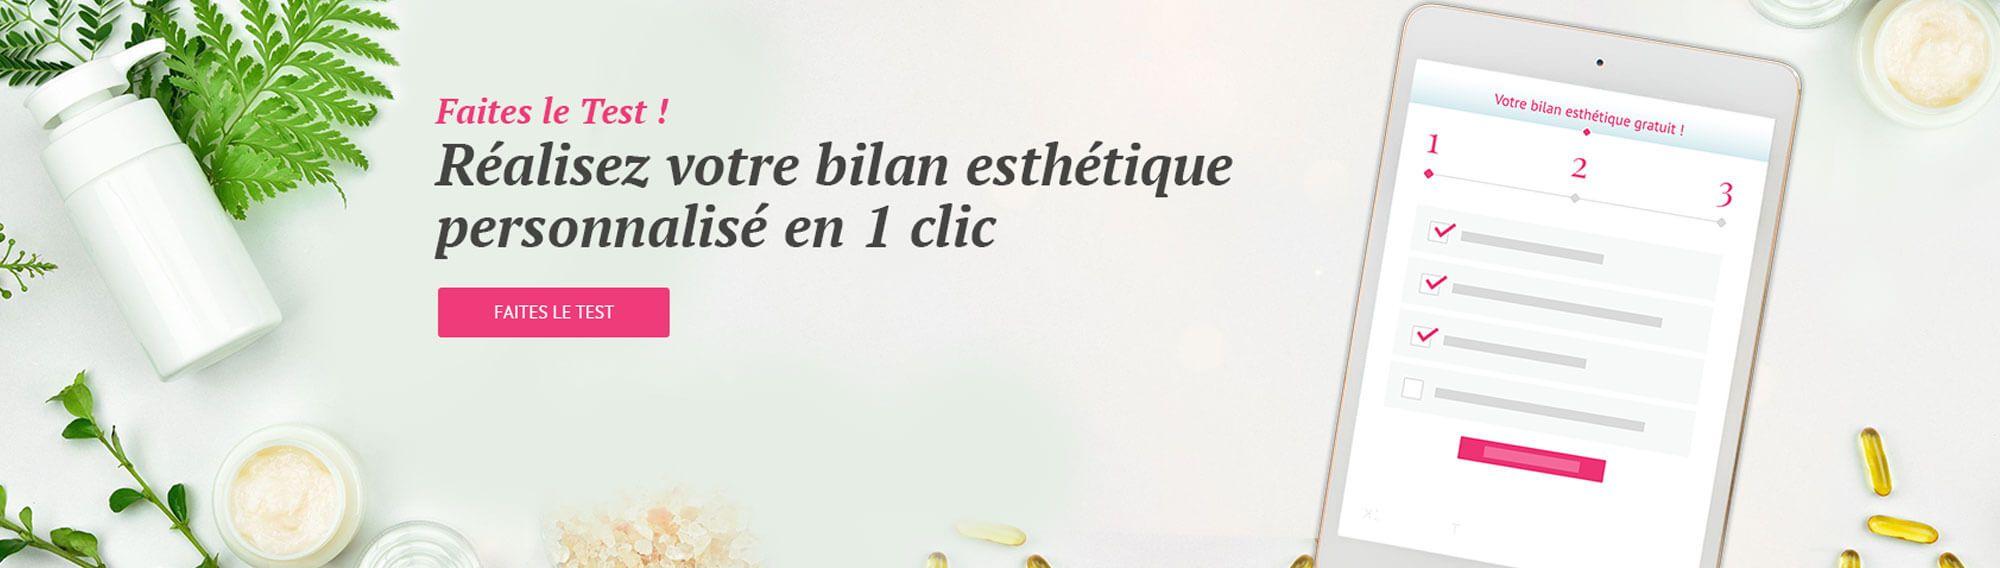 banniere-accueil-1